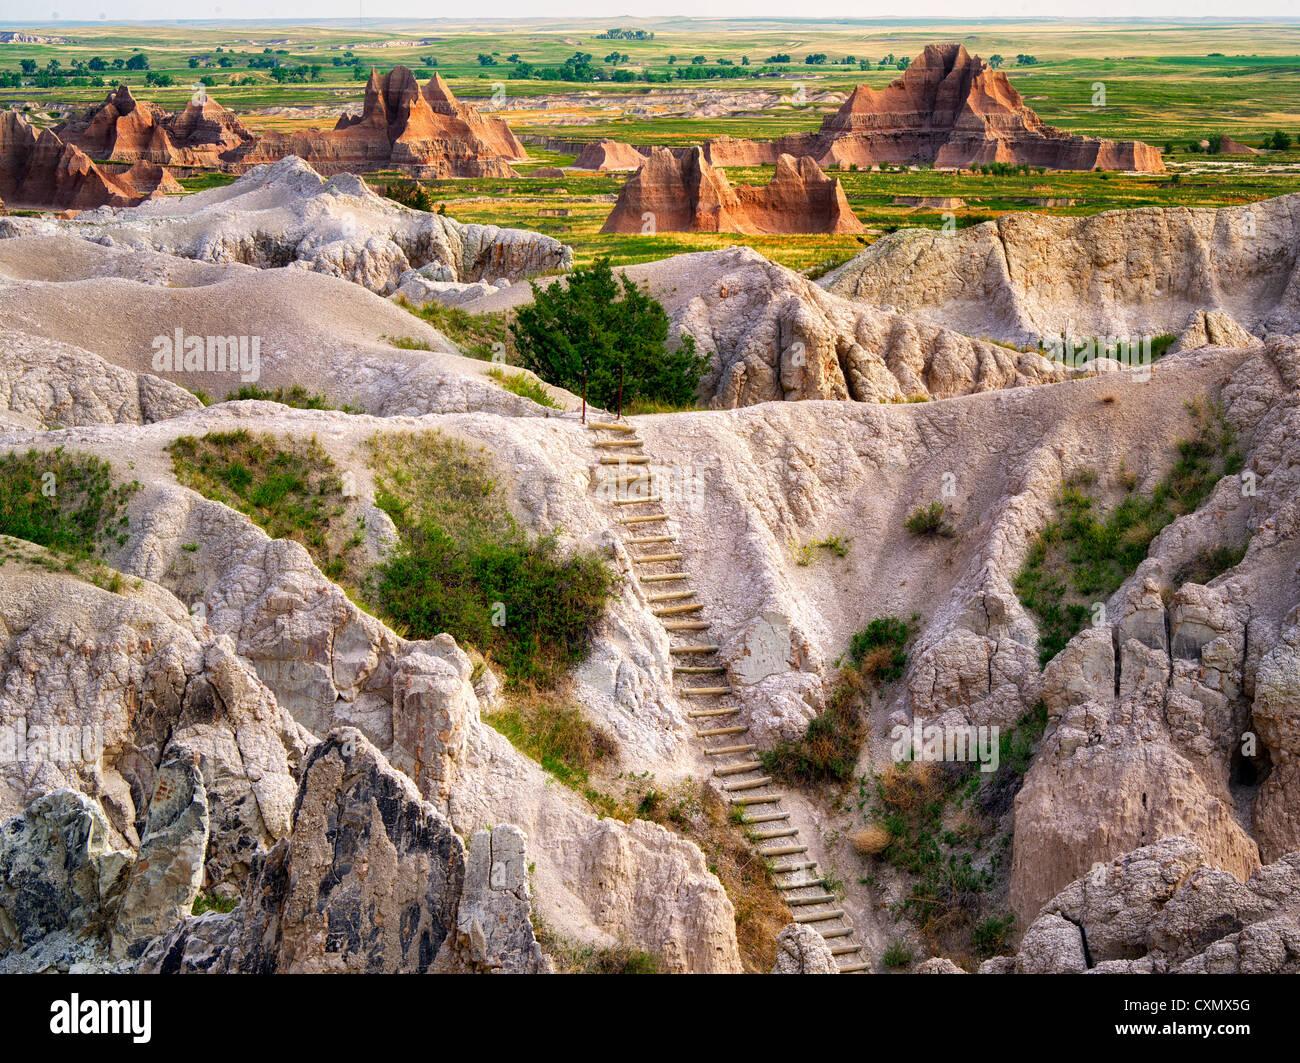 Escalera en la muesca Trail. El Parque Nacional Badlands, Dakota del Sur. Imagen De Stock